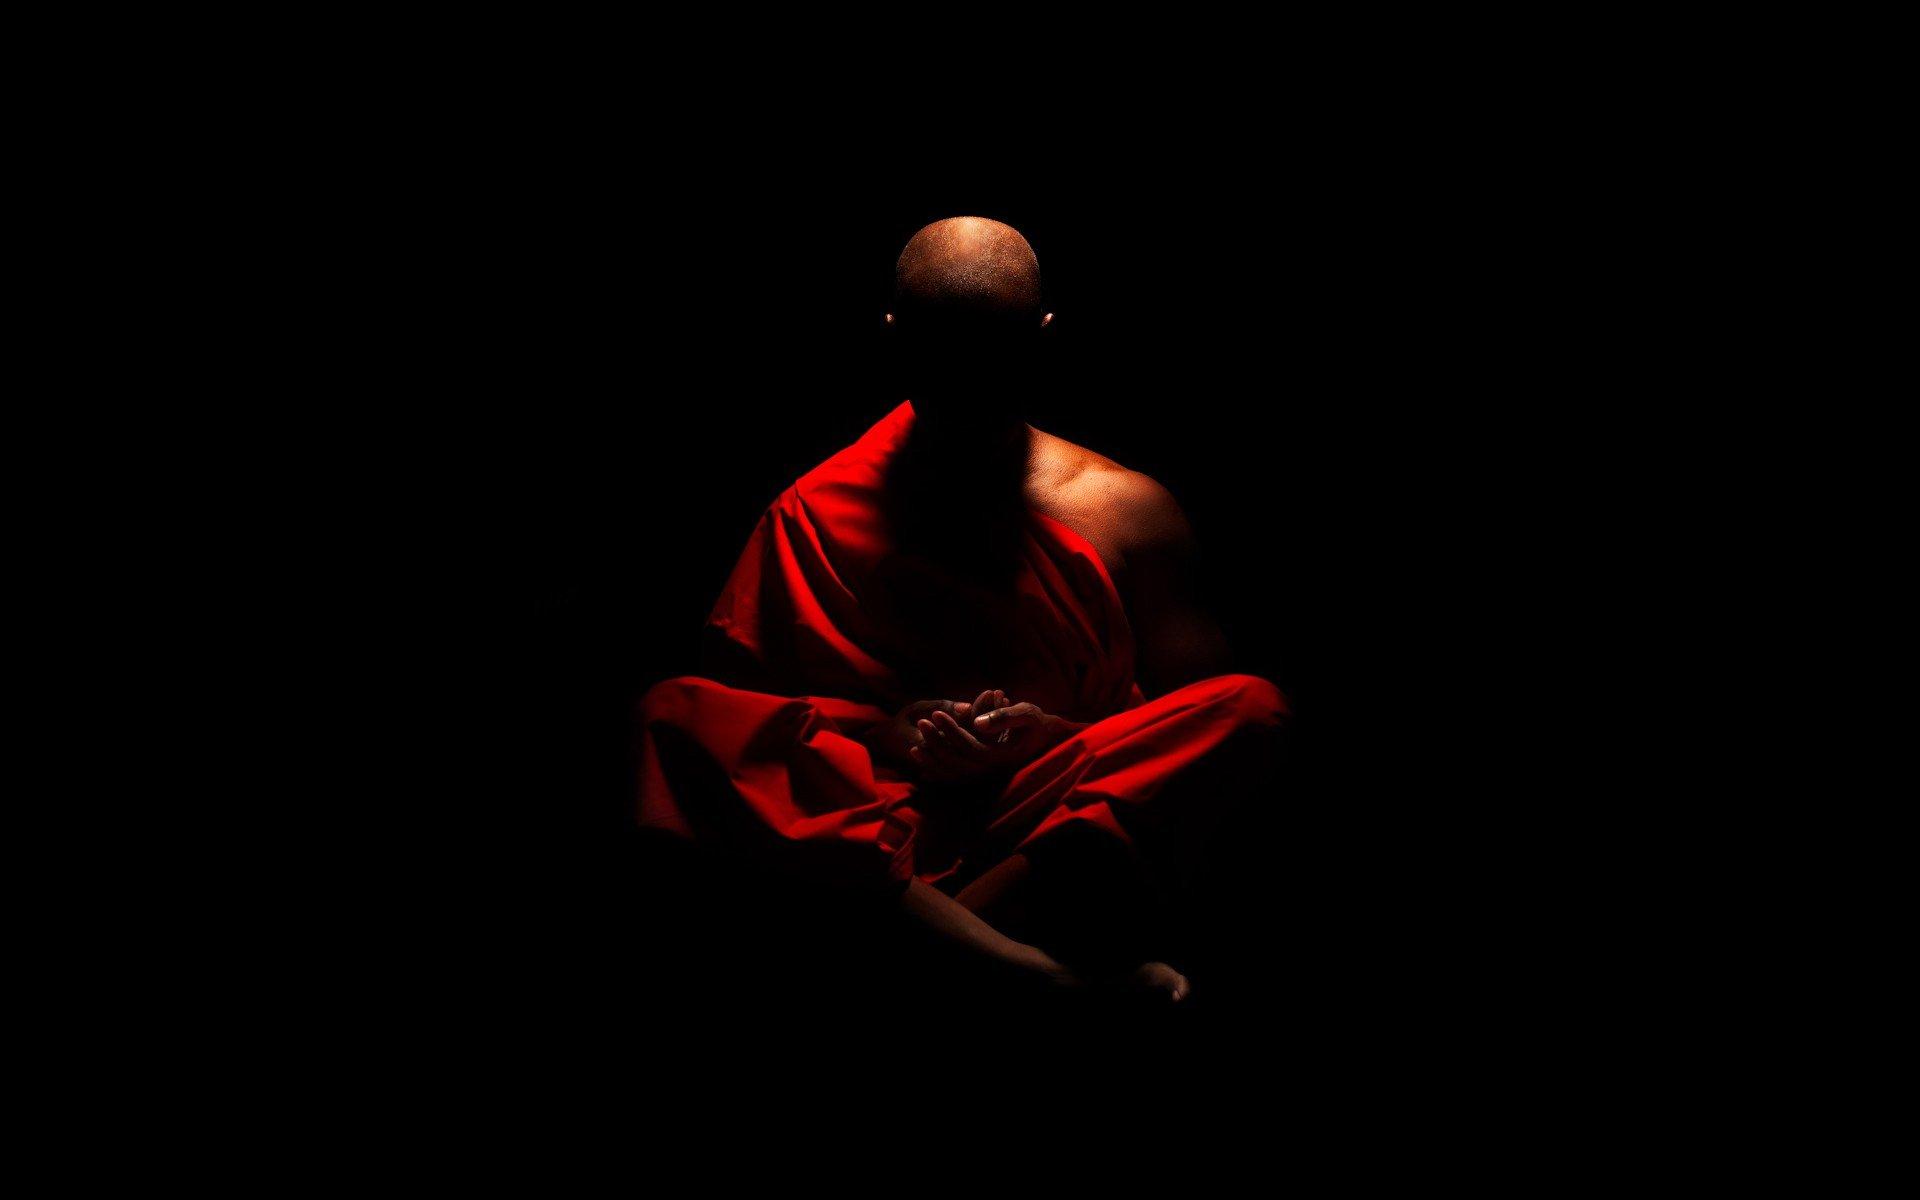 Un bouddhisme violent ?